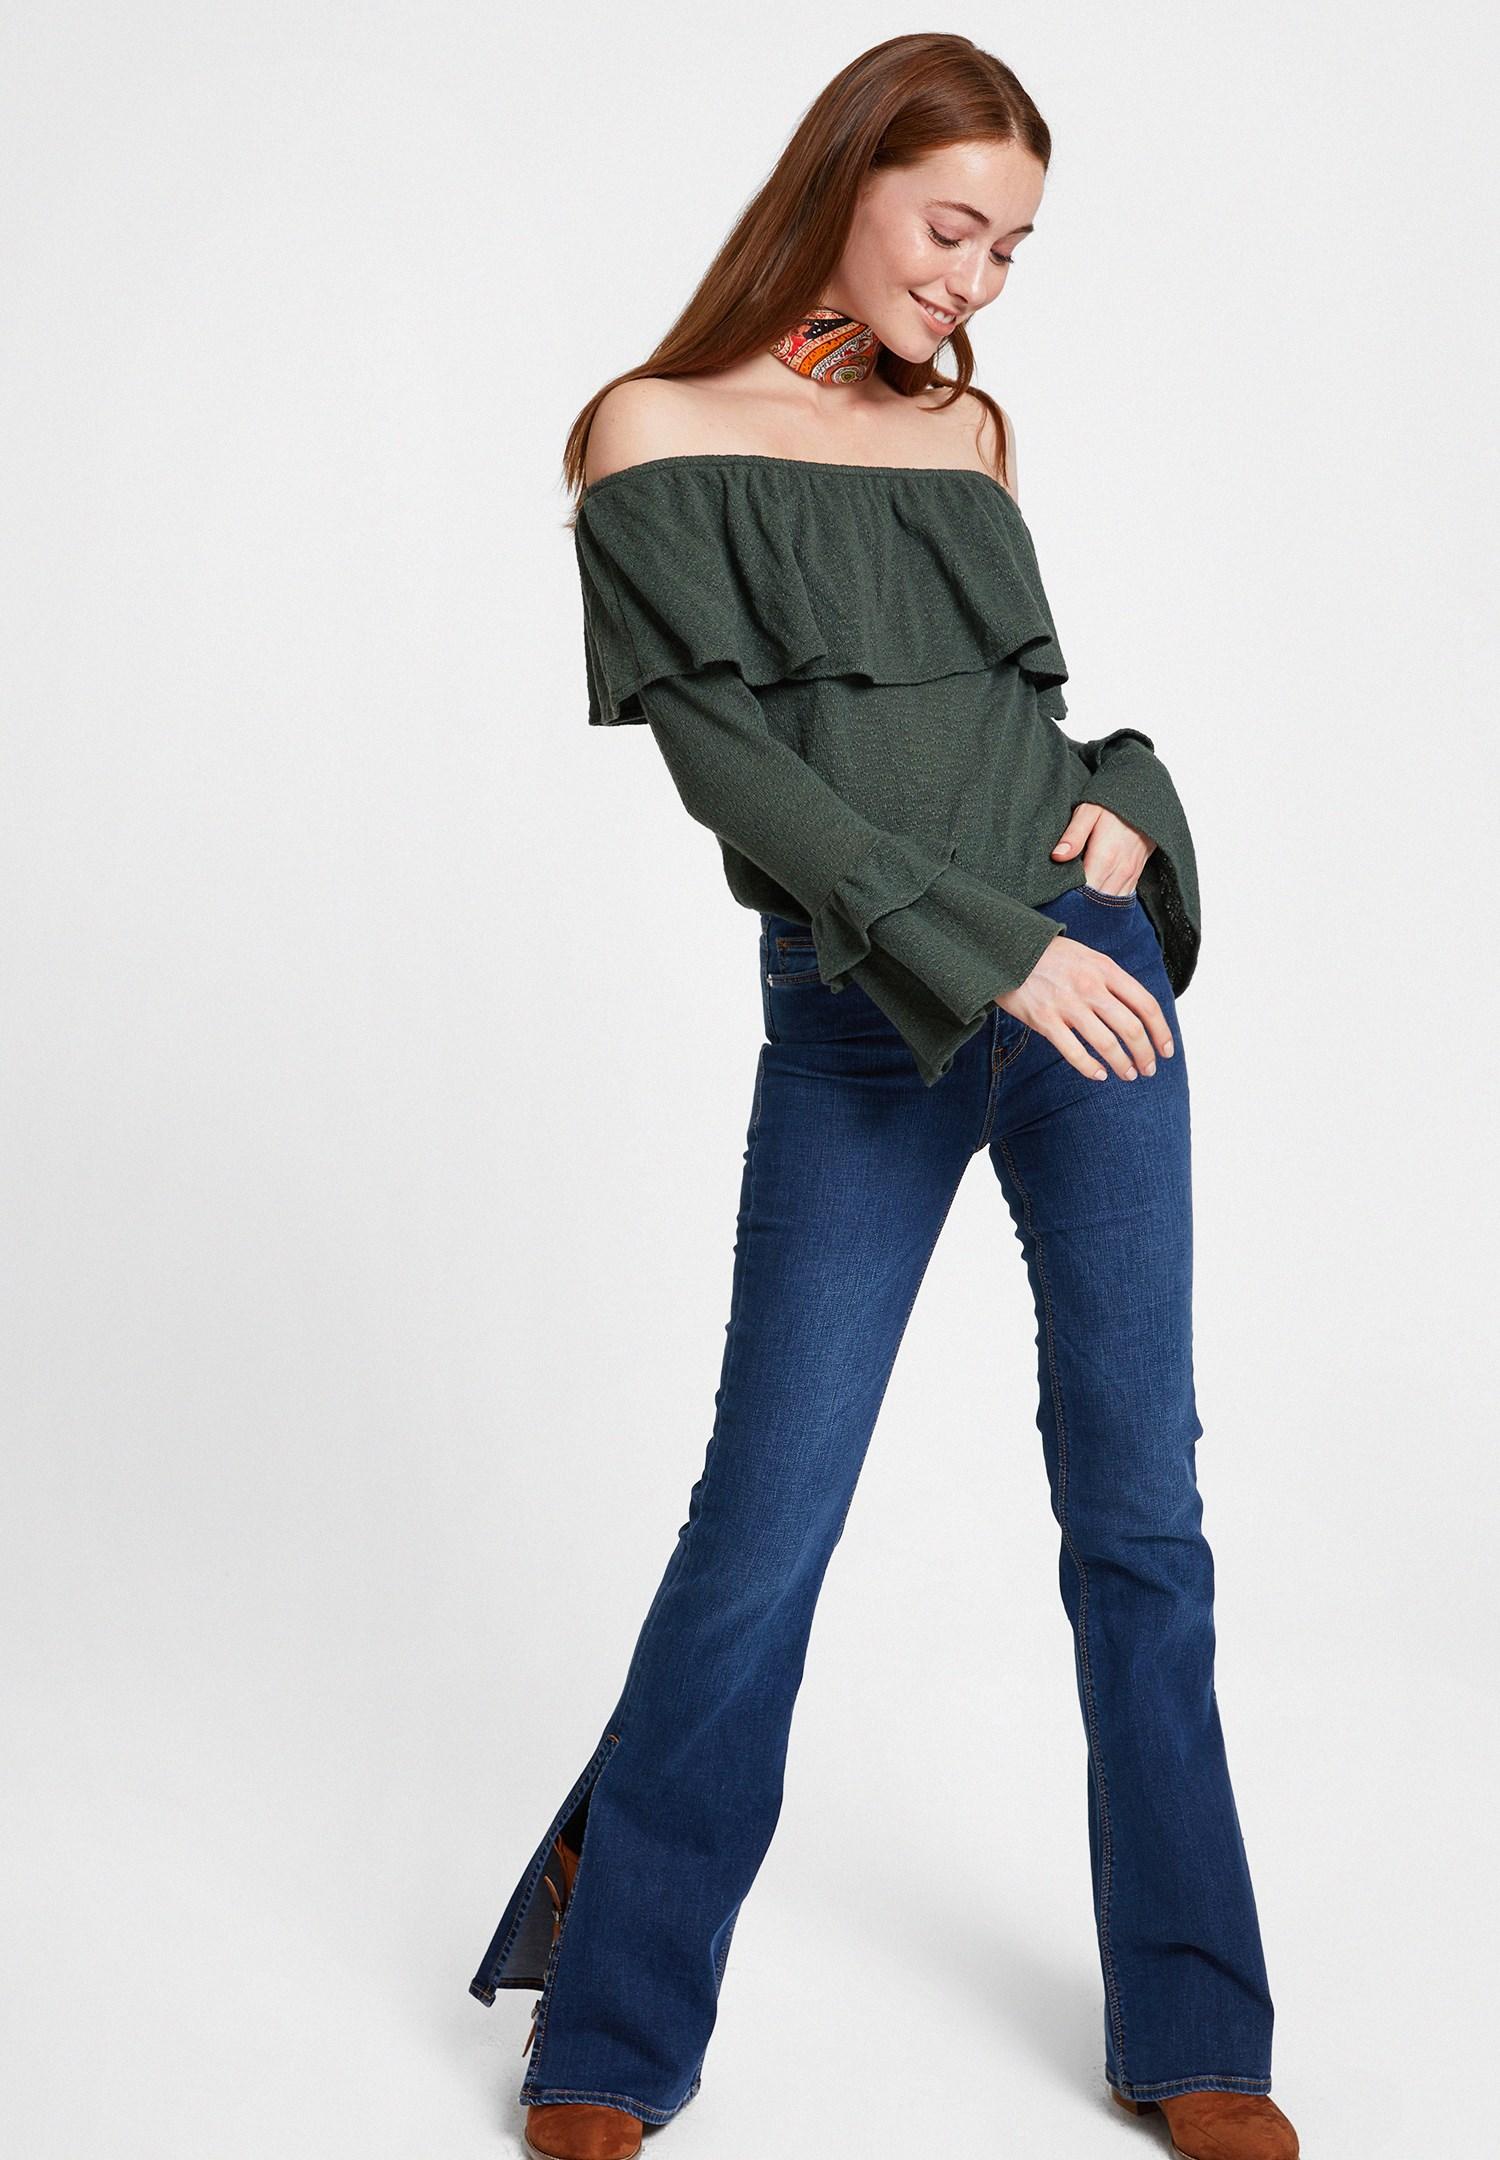 Bayan Yeşil Düşük Omuzlu Fırfırlı Bluz